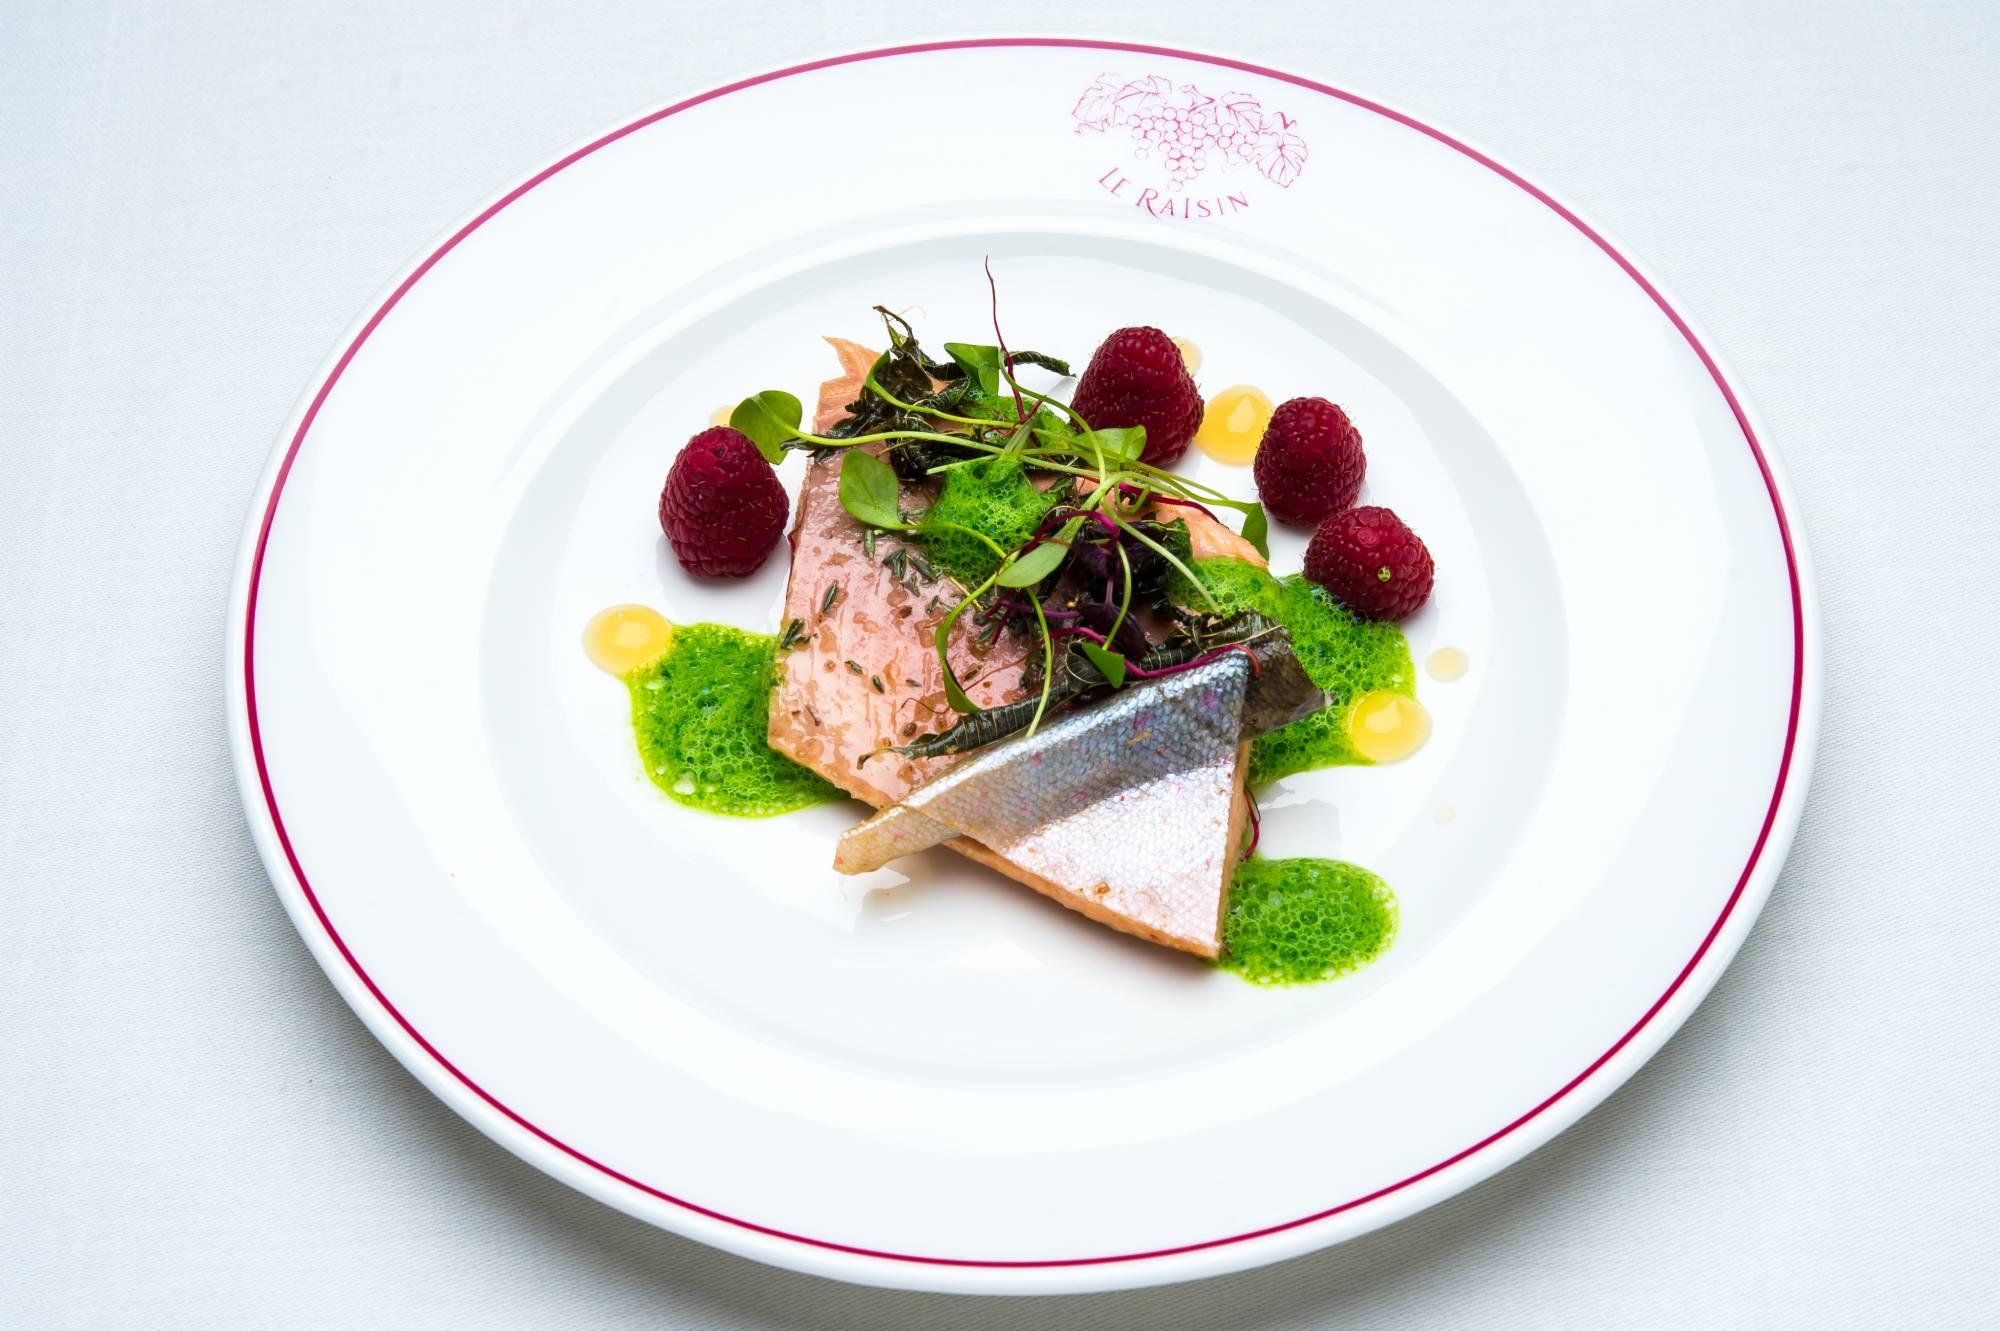 Galerie photo des mets au poisson et des viandes de la broche du restaurant de l'Auberge du Raisin à Cully